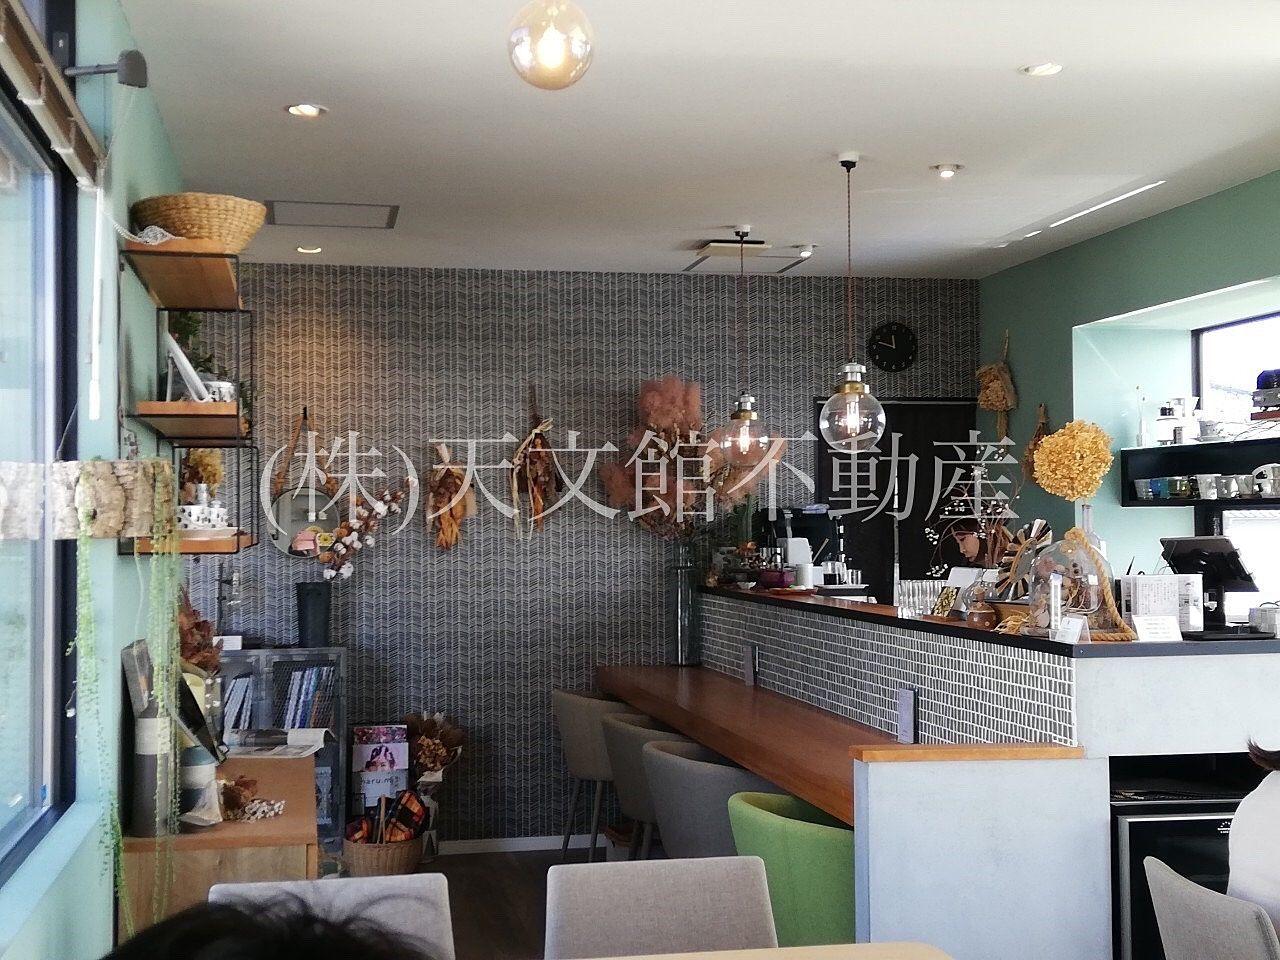 鹿児島市吉野町のケイトキッチンはアートな空間に包まれています。